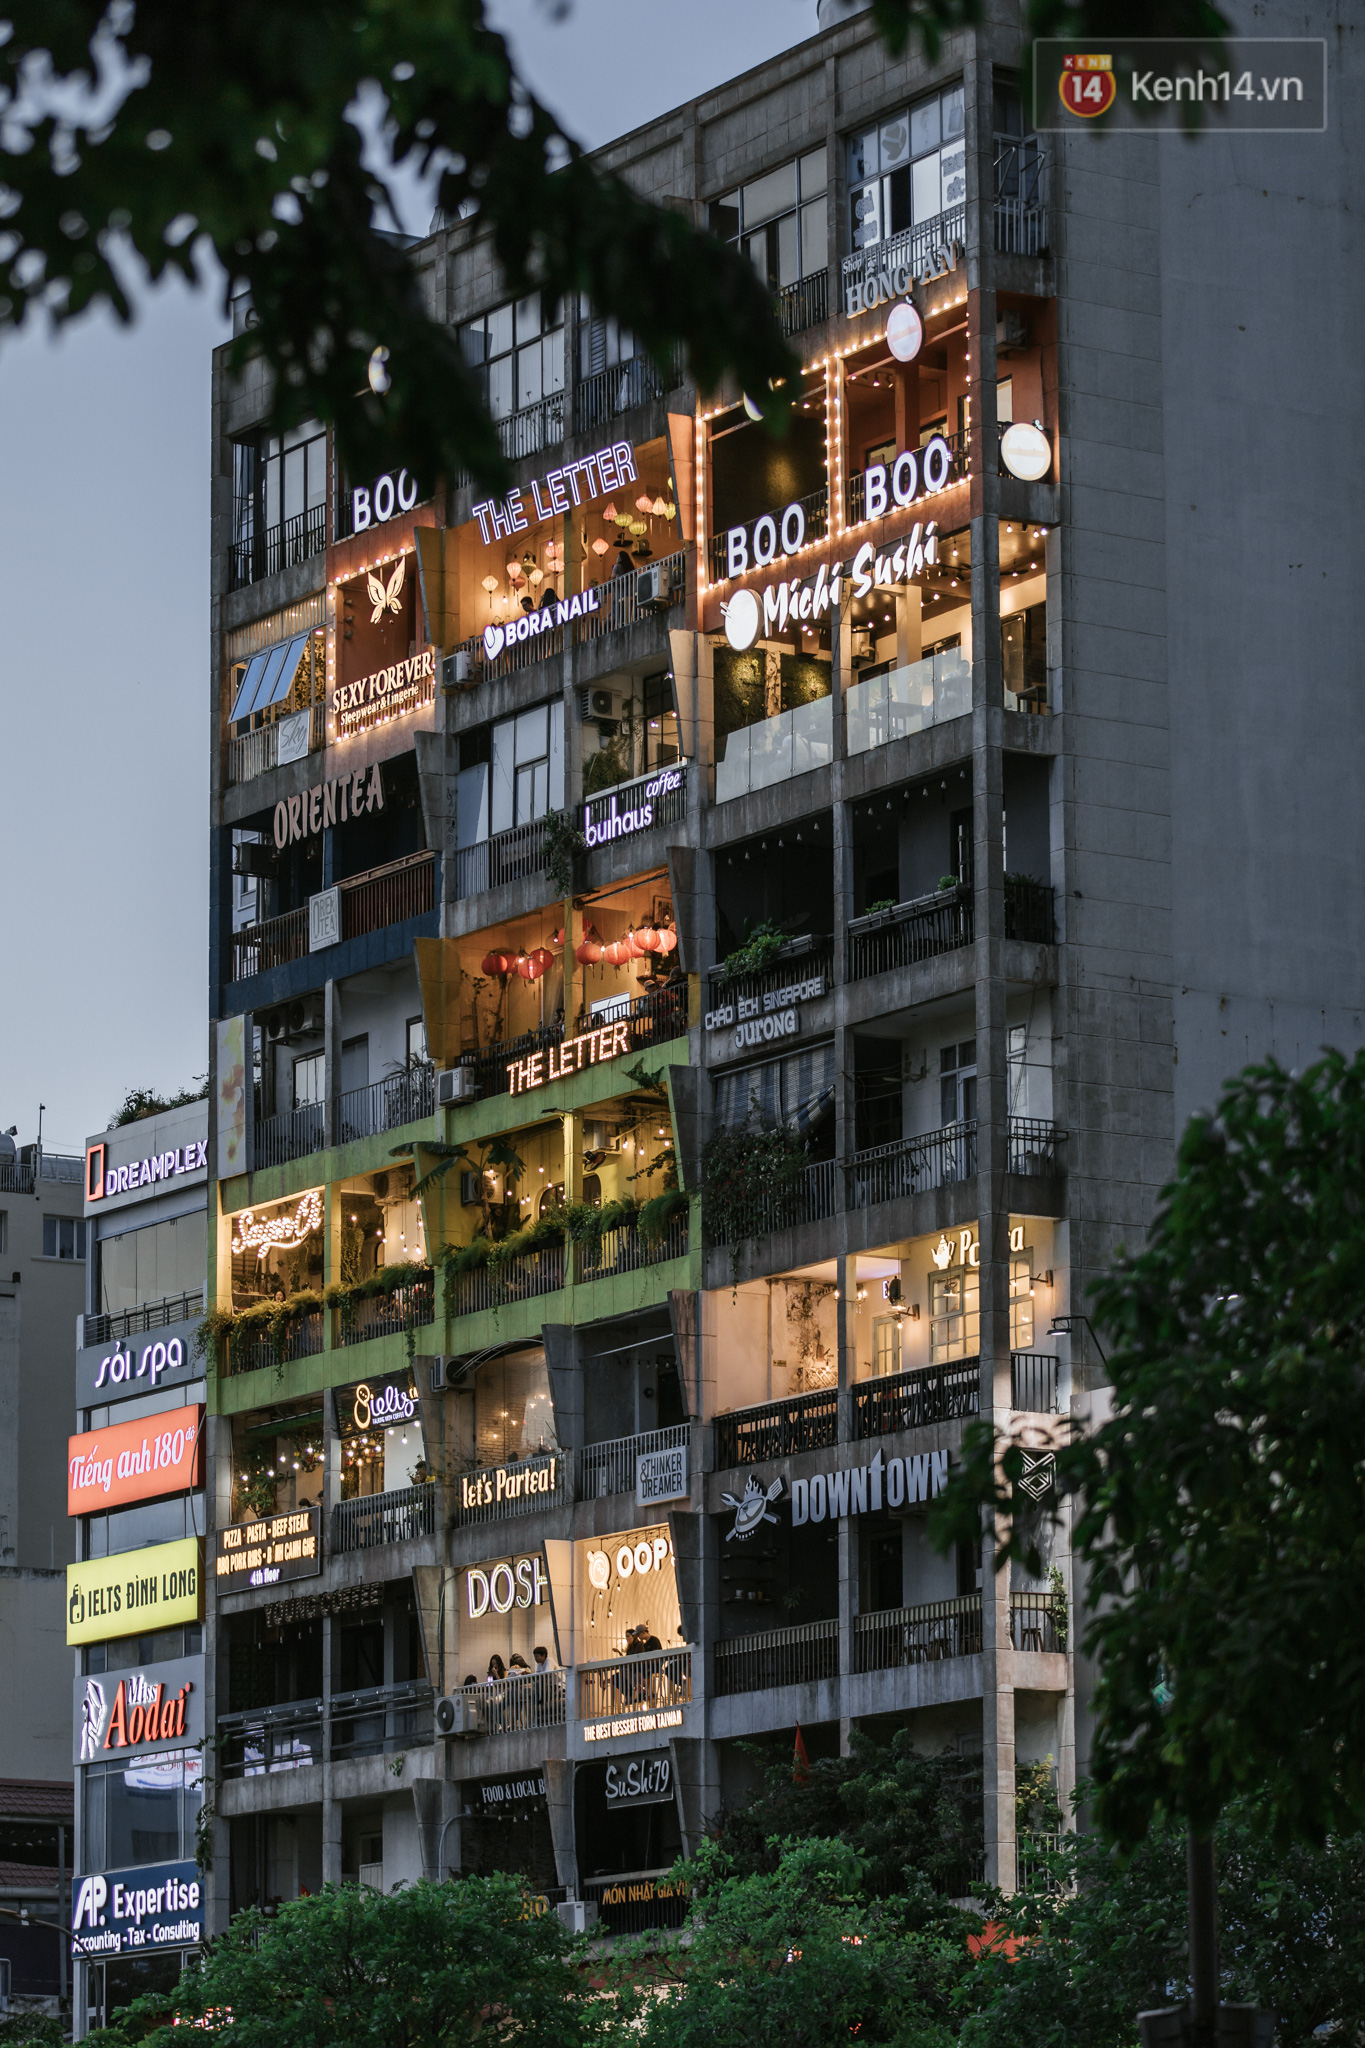 """Sài Gòn nhộn nhịp trong buổi tối nghỉ lễ đầu tiên: Khu vực trung tâm dần trở nên đông đúc, nhiều người lo sợ vẫn kè kè"""" chiếc khẩu trang bên mình-9"""